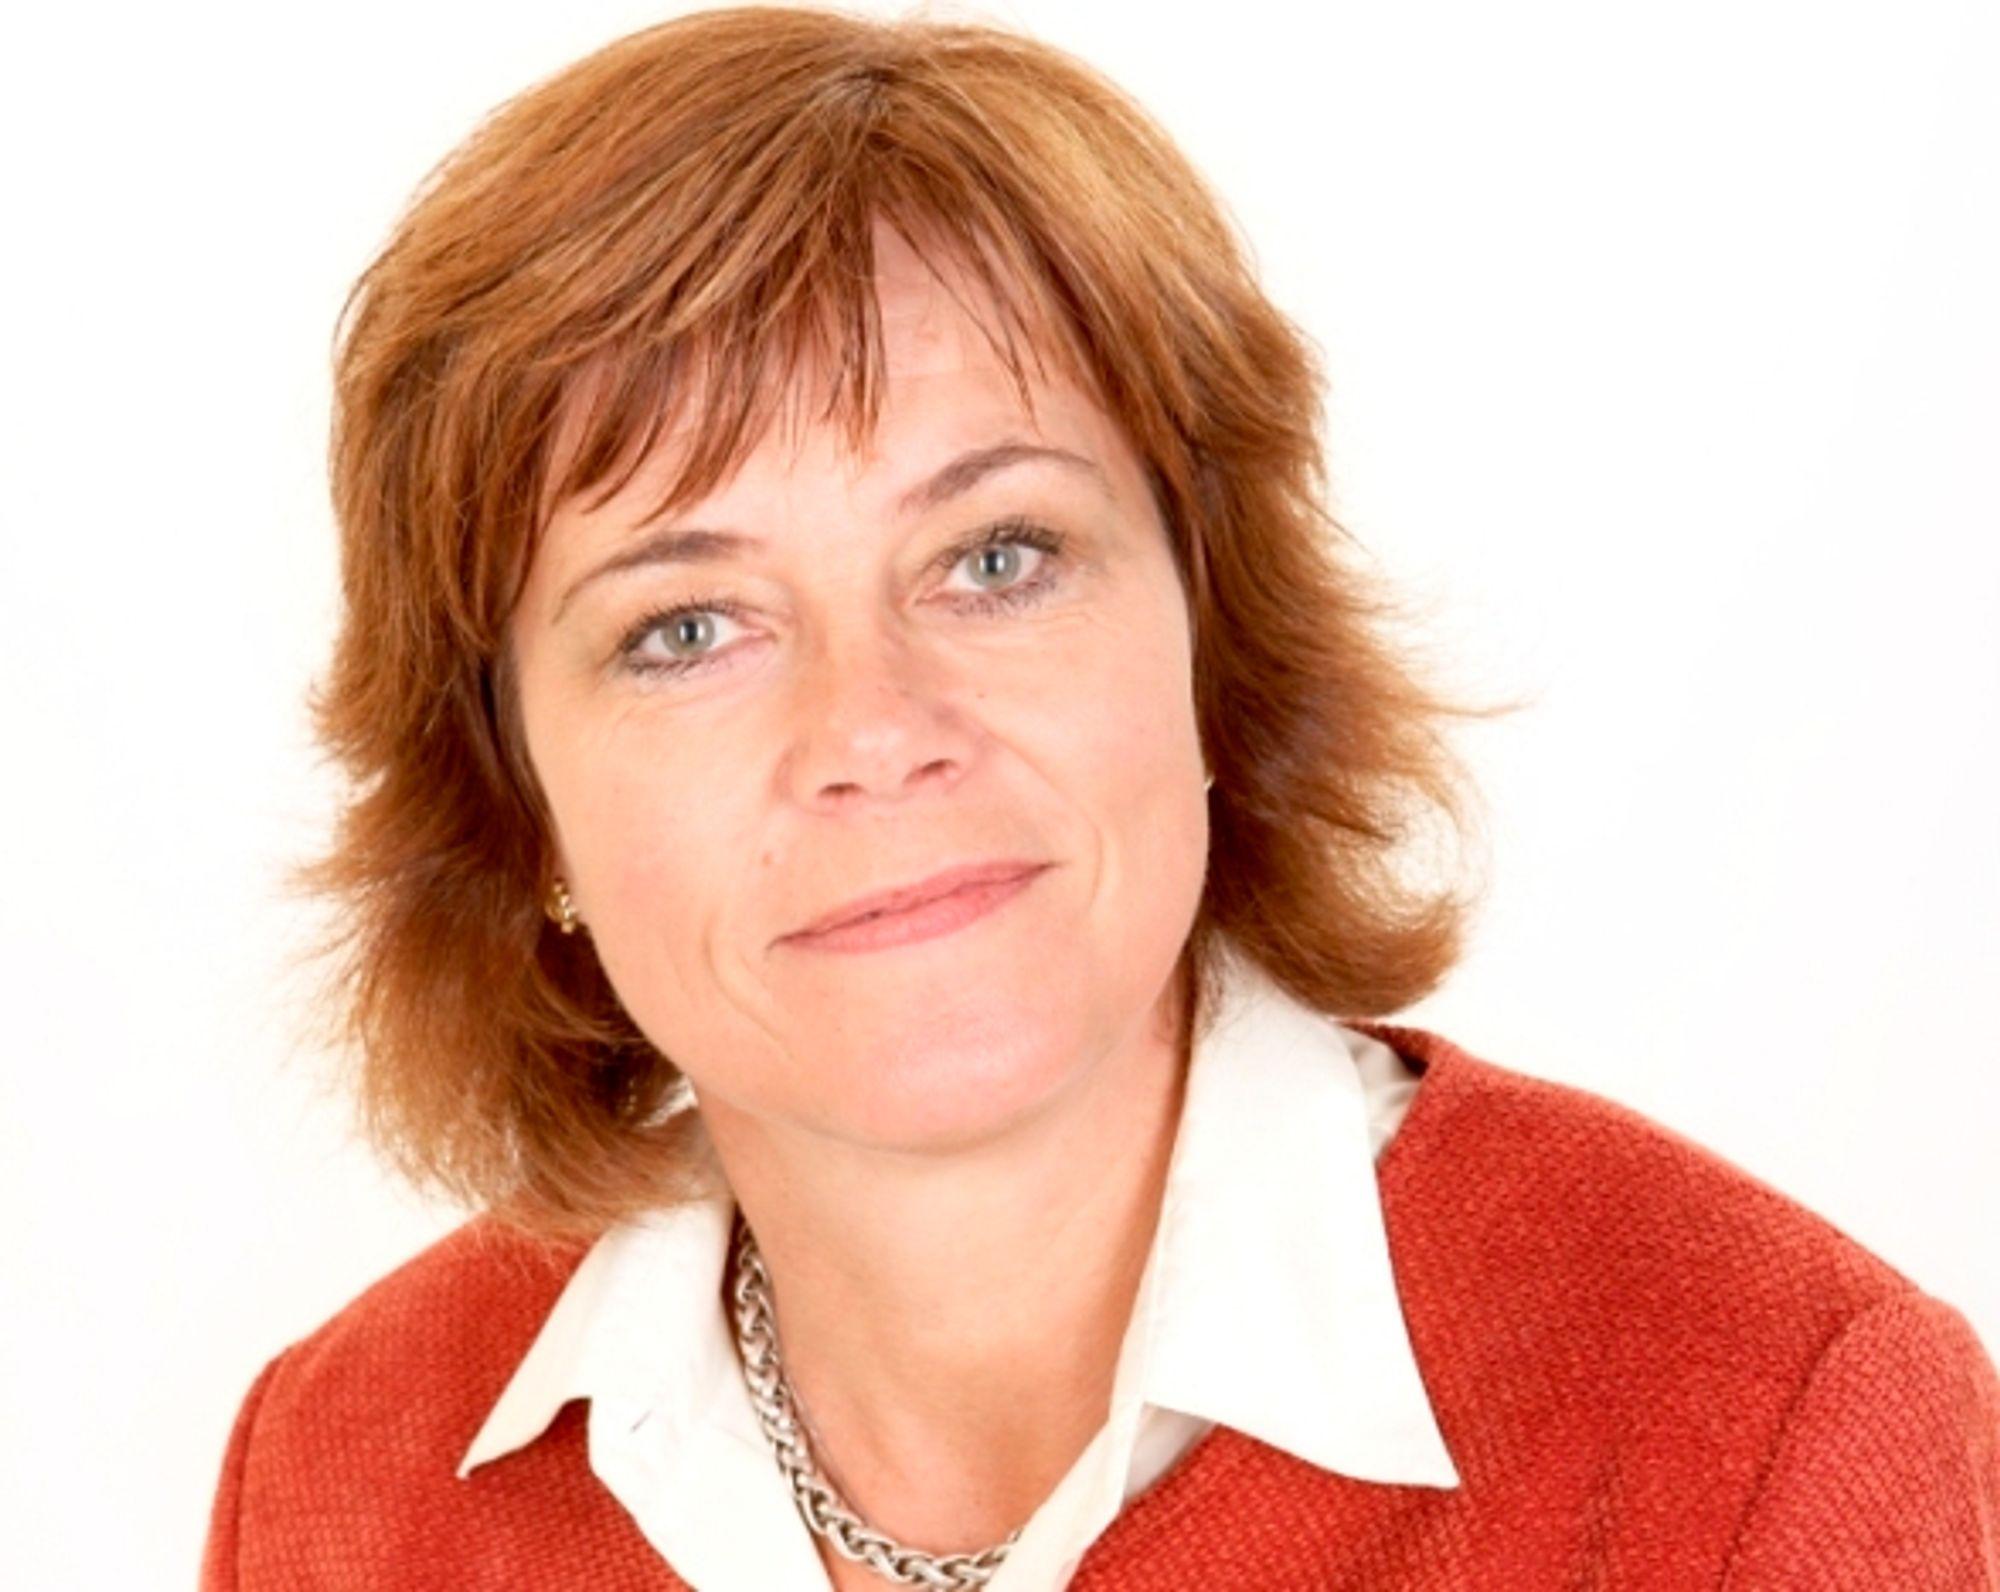 NYTT: Berit Kjeldsberg føler seg som rusk i maskineriet.